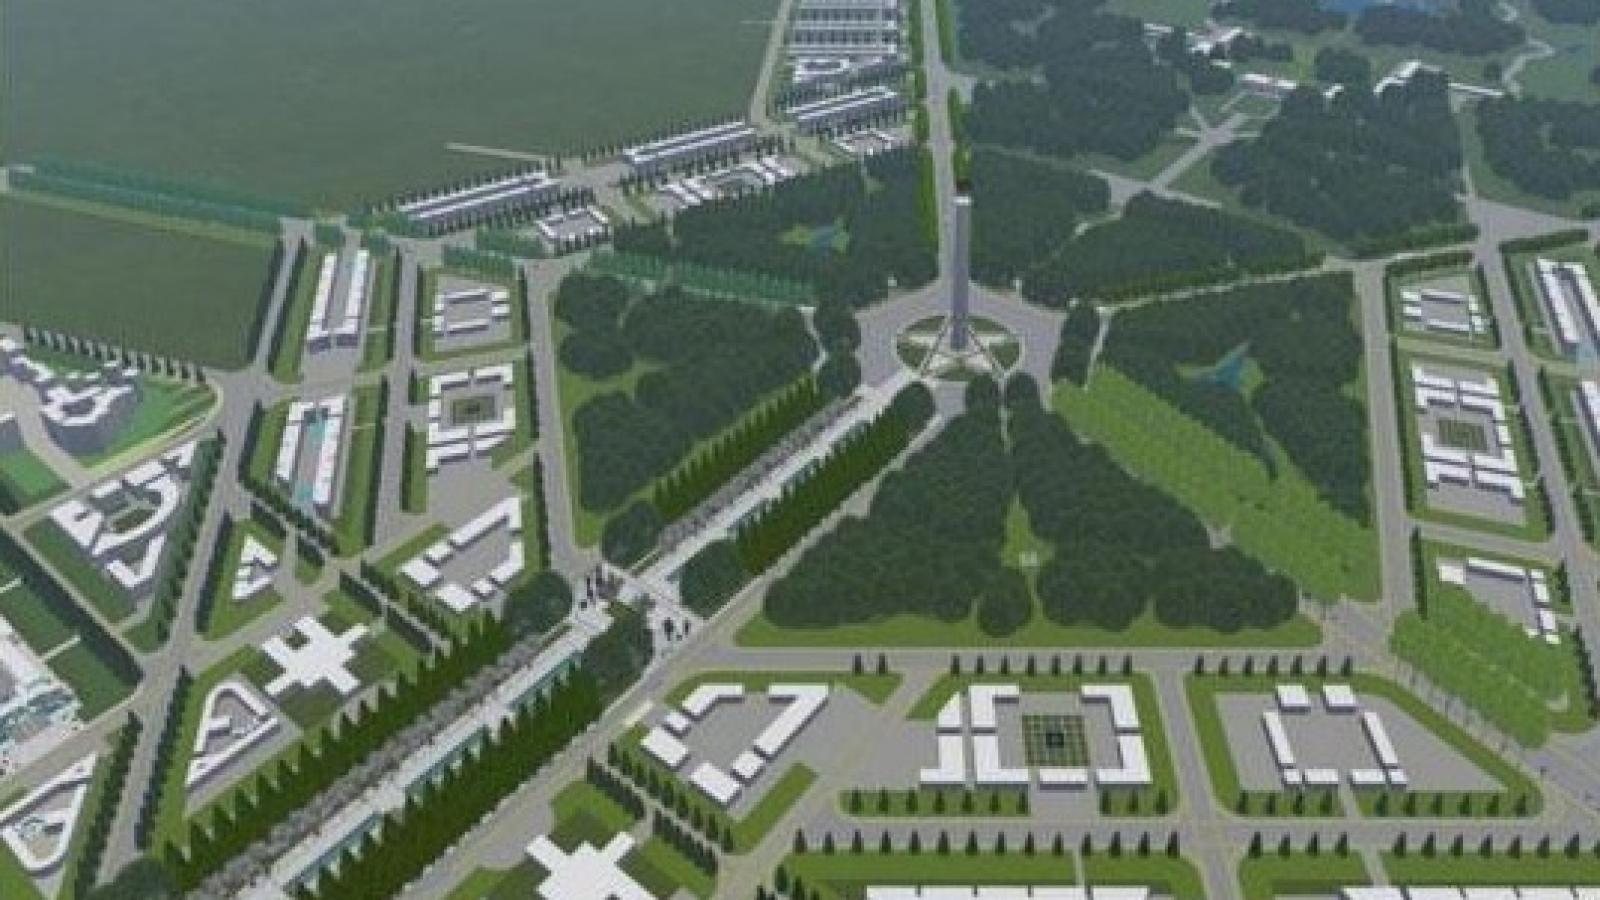 Indonesia vẫn theo đuổi kế hoạch dời thủ đô dù gặp khó khăn do dịch Covid-19